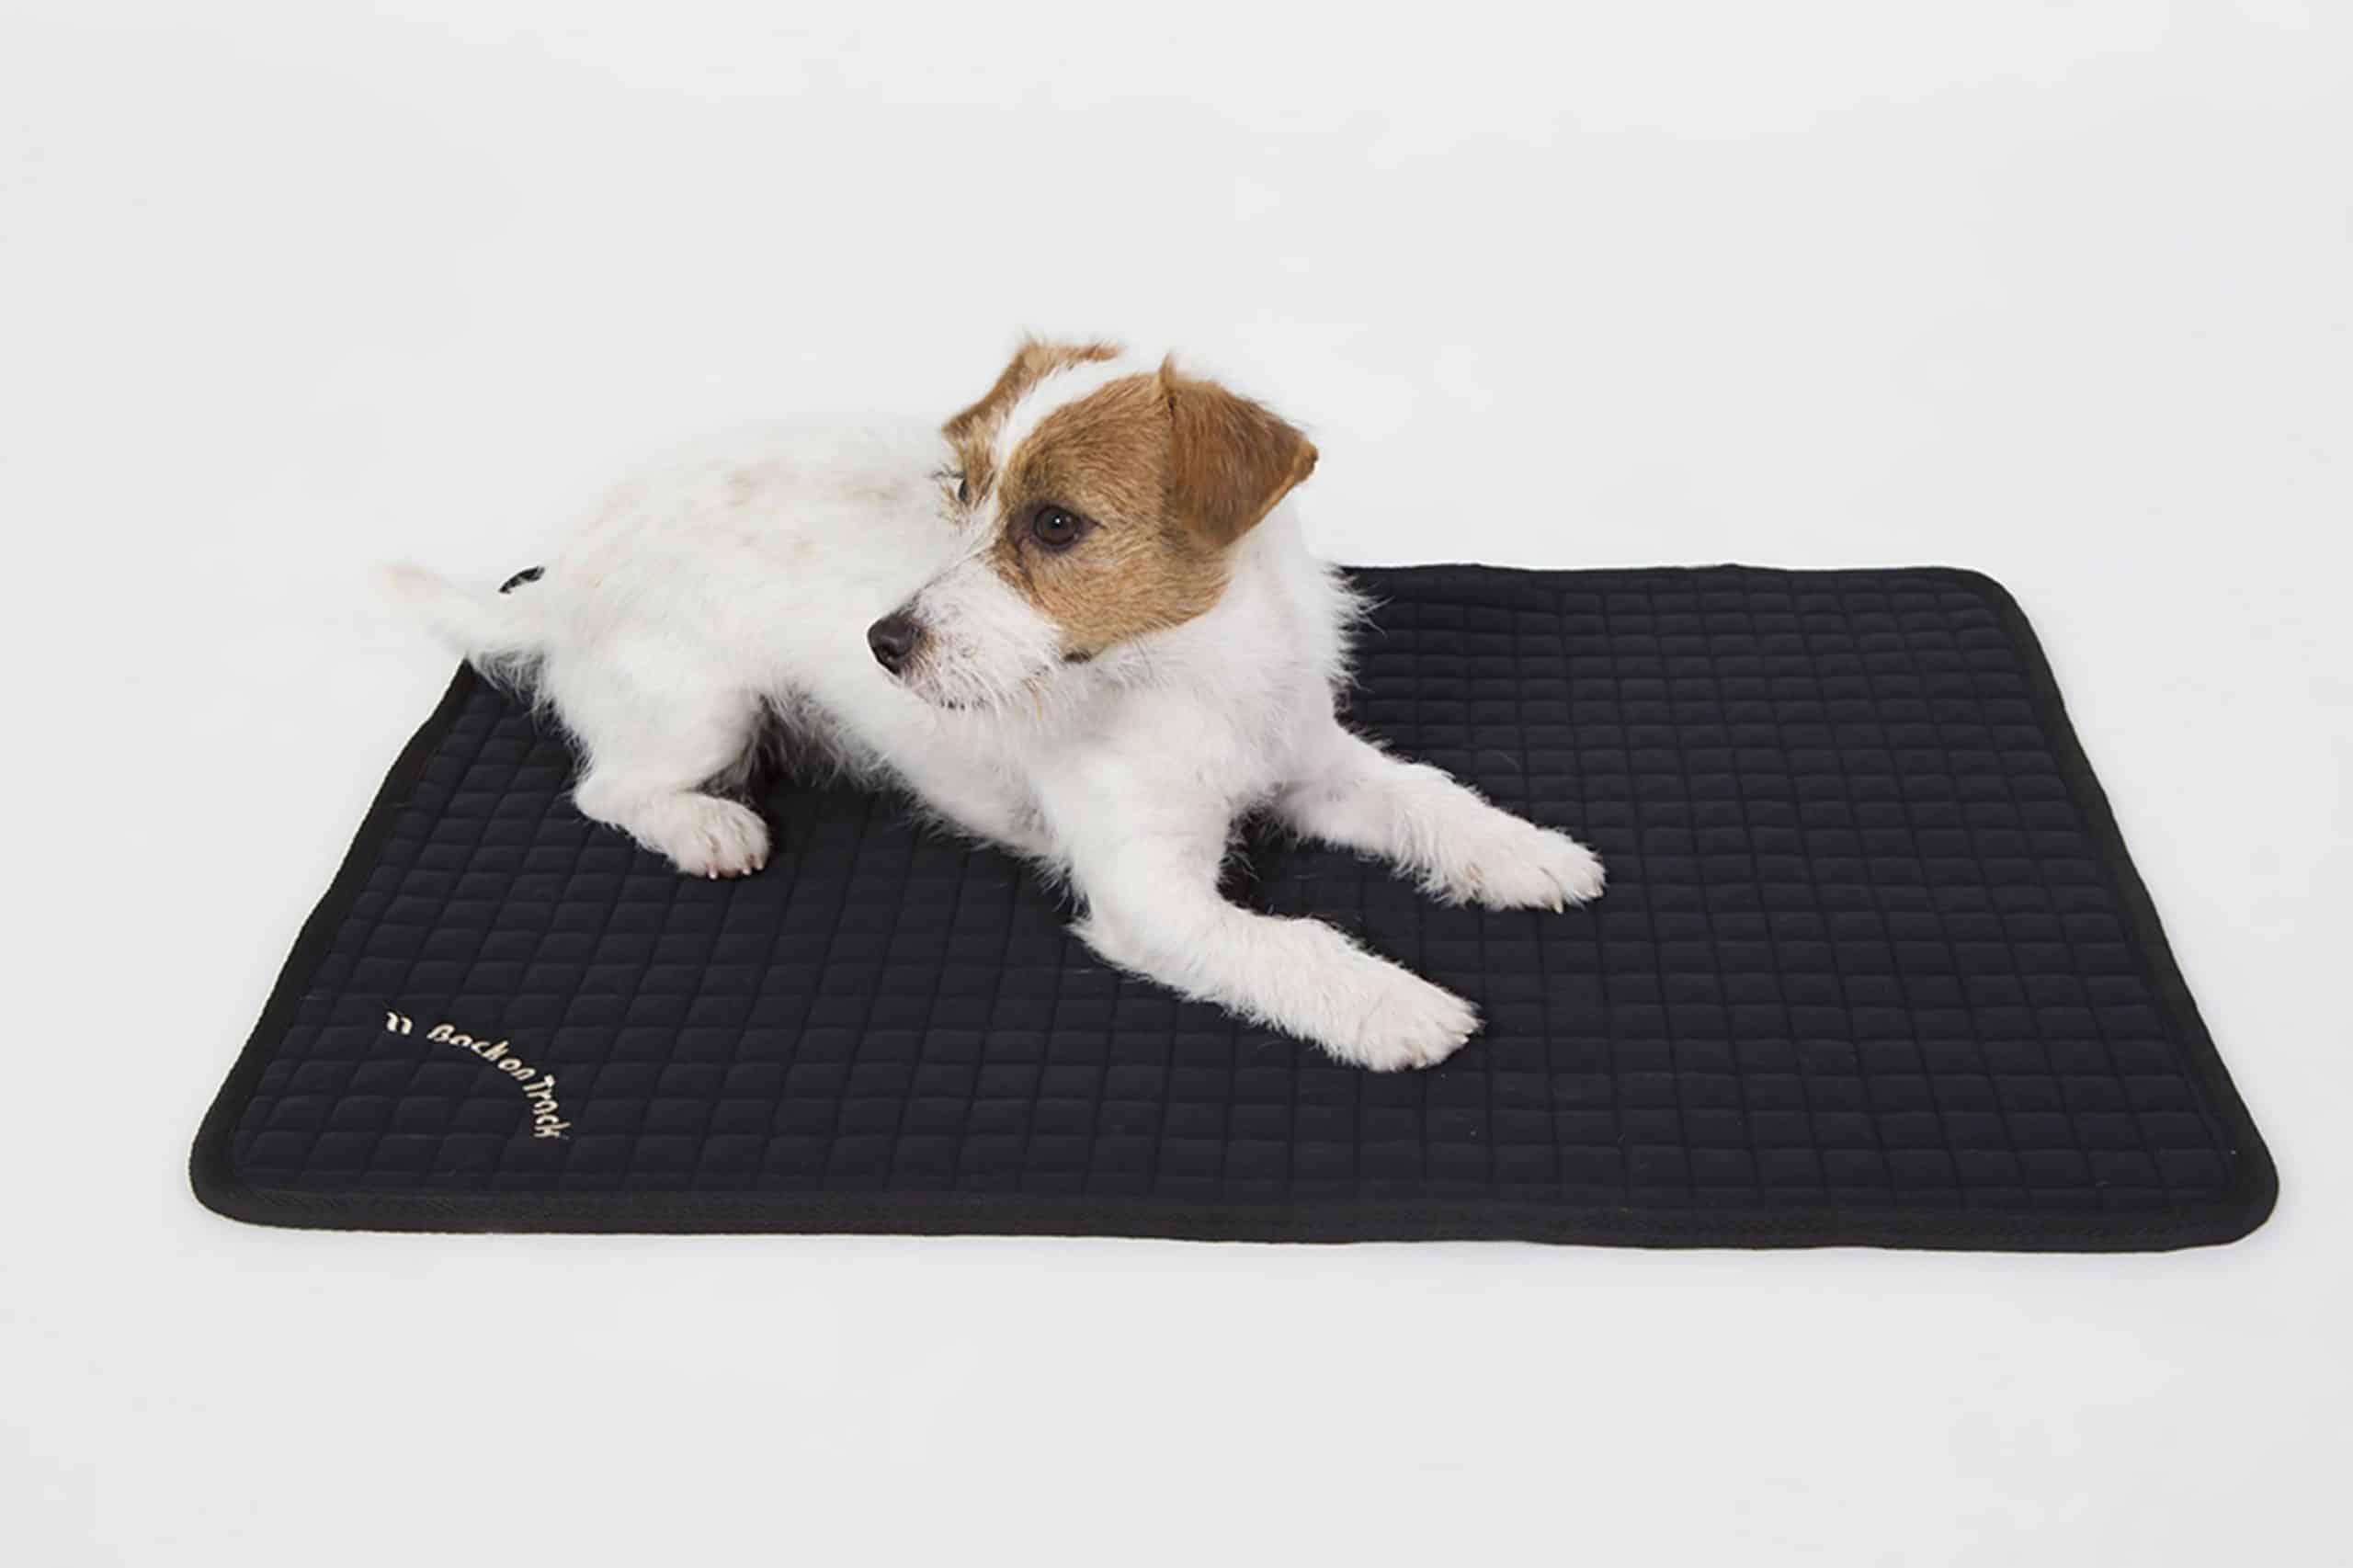 acheter un tapis pour chien solide et